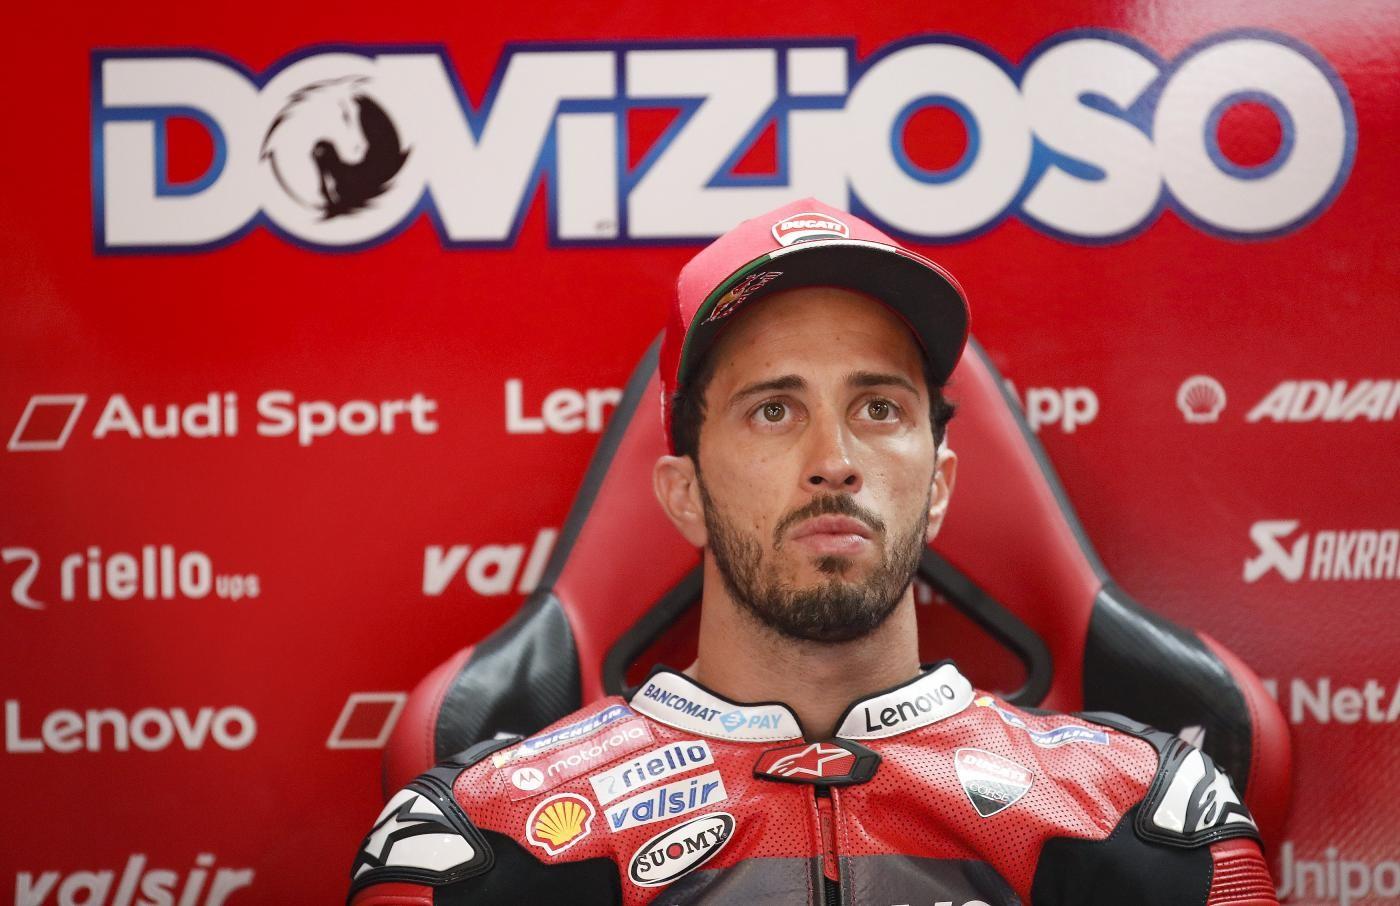 MotoGP, Dovizioso lascia la Ducati a fine stagione